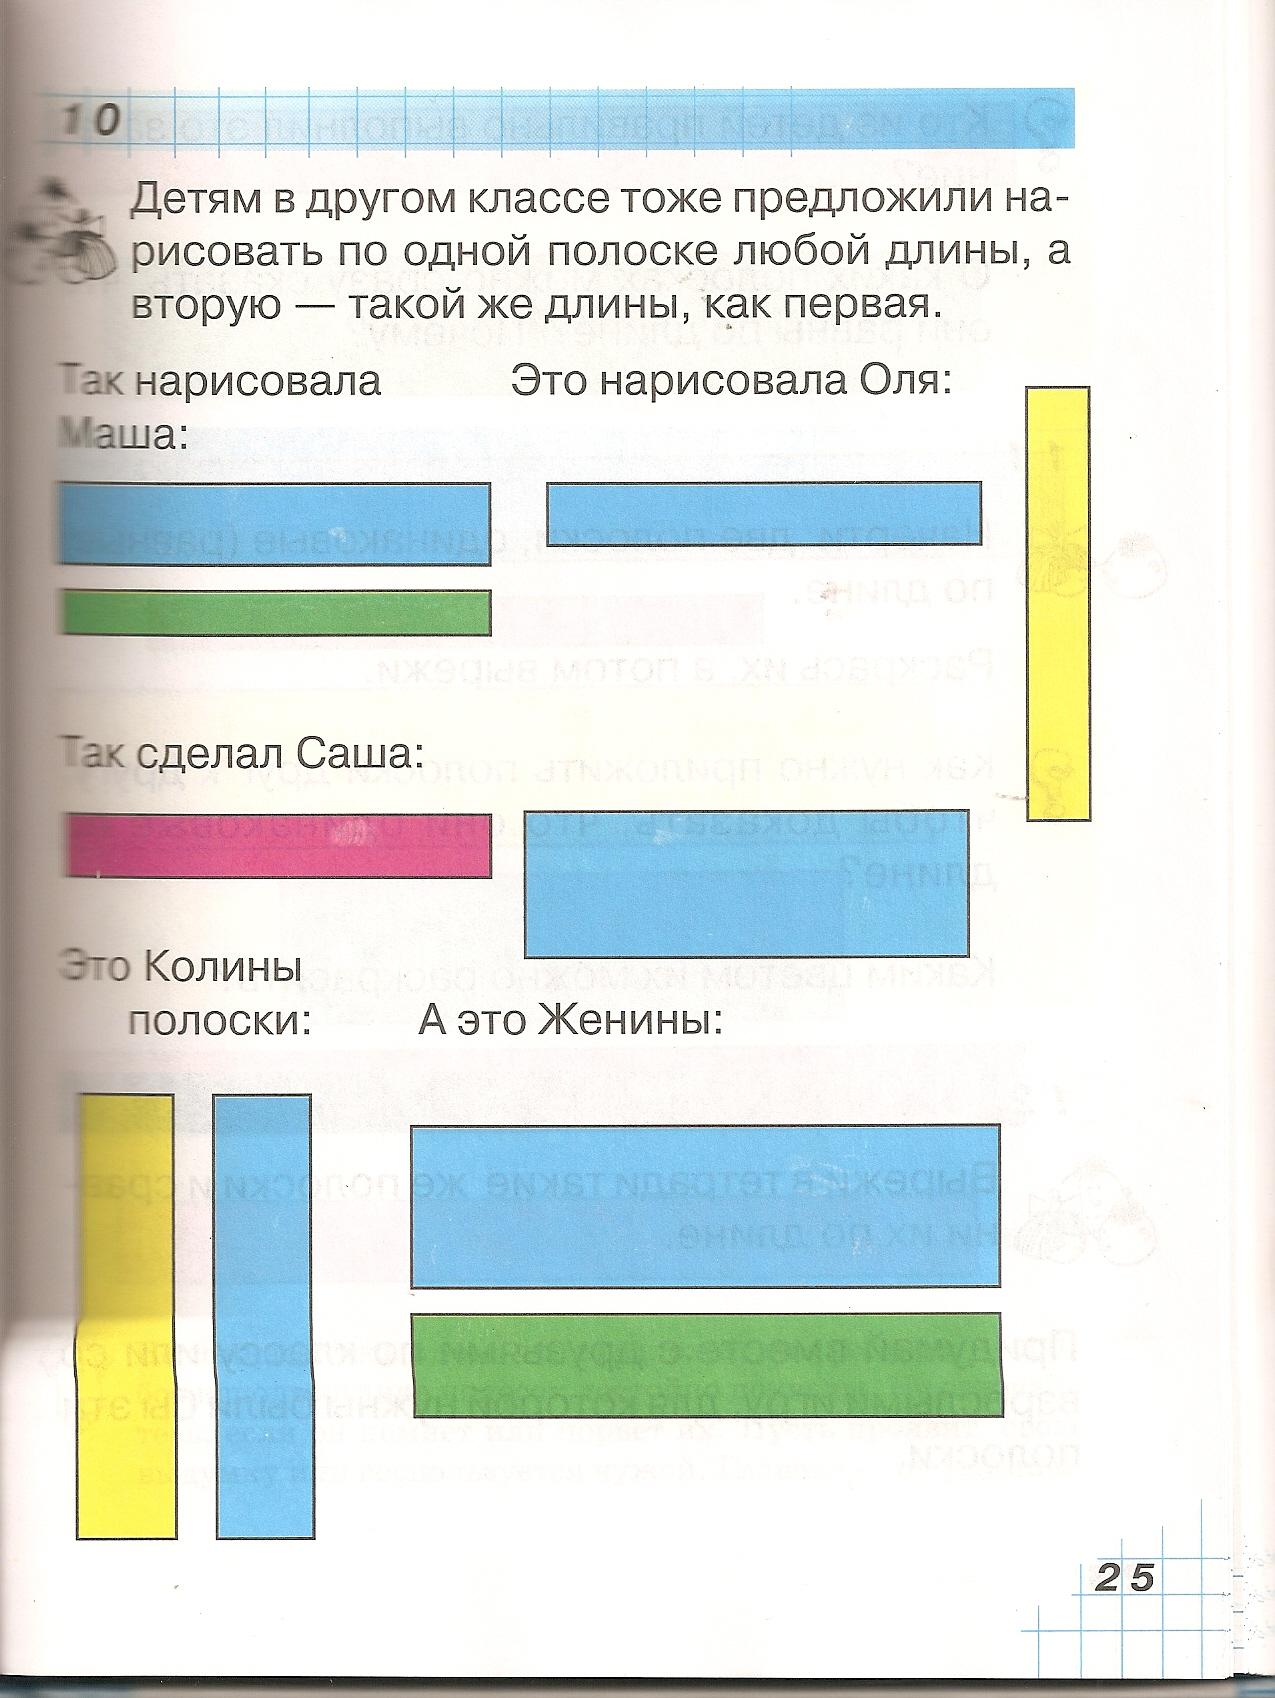 hello_html_m7db0372.jpg